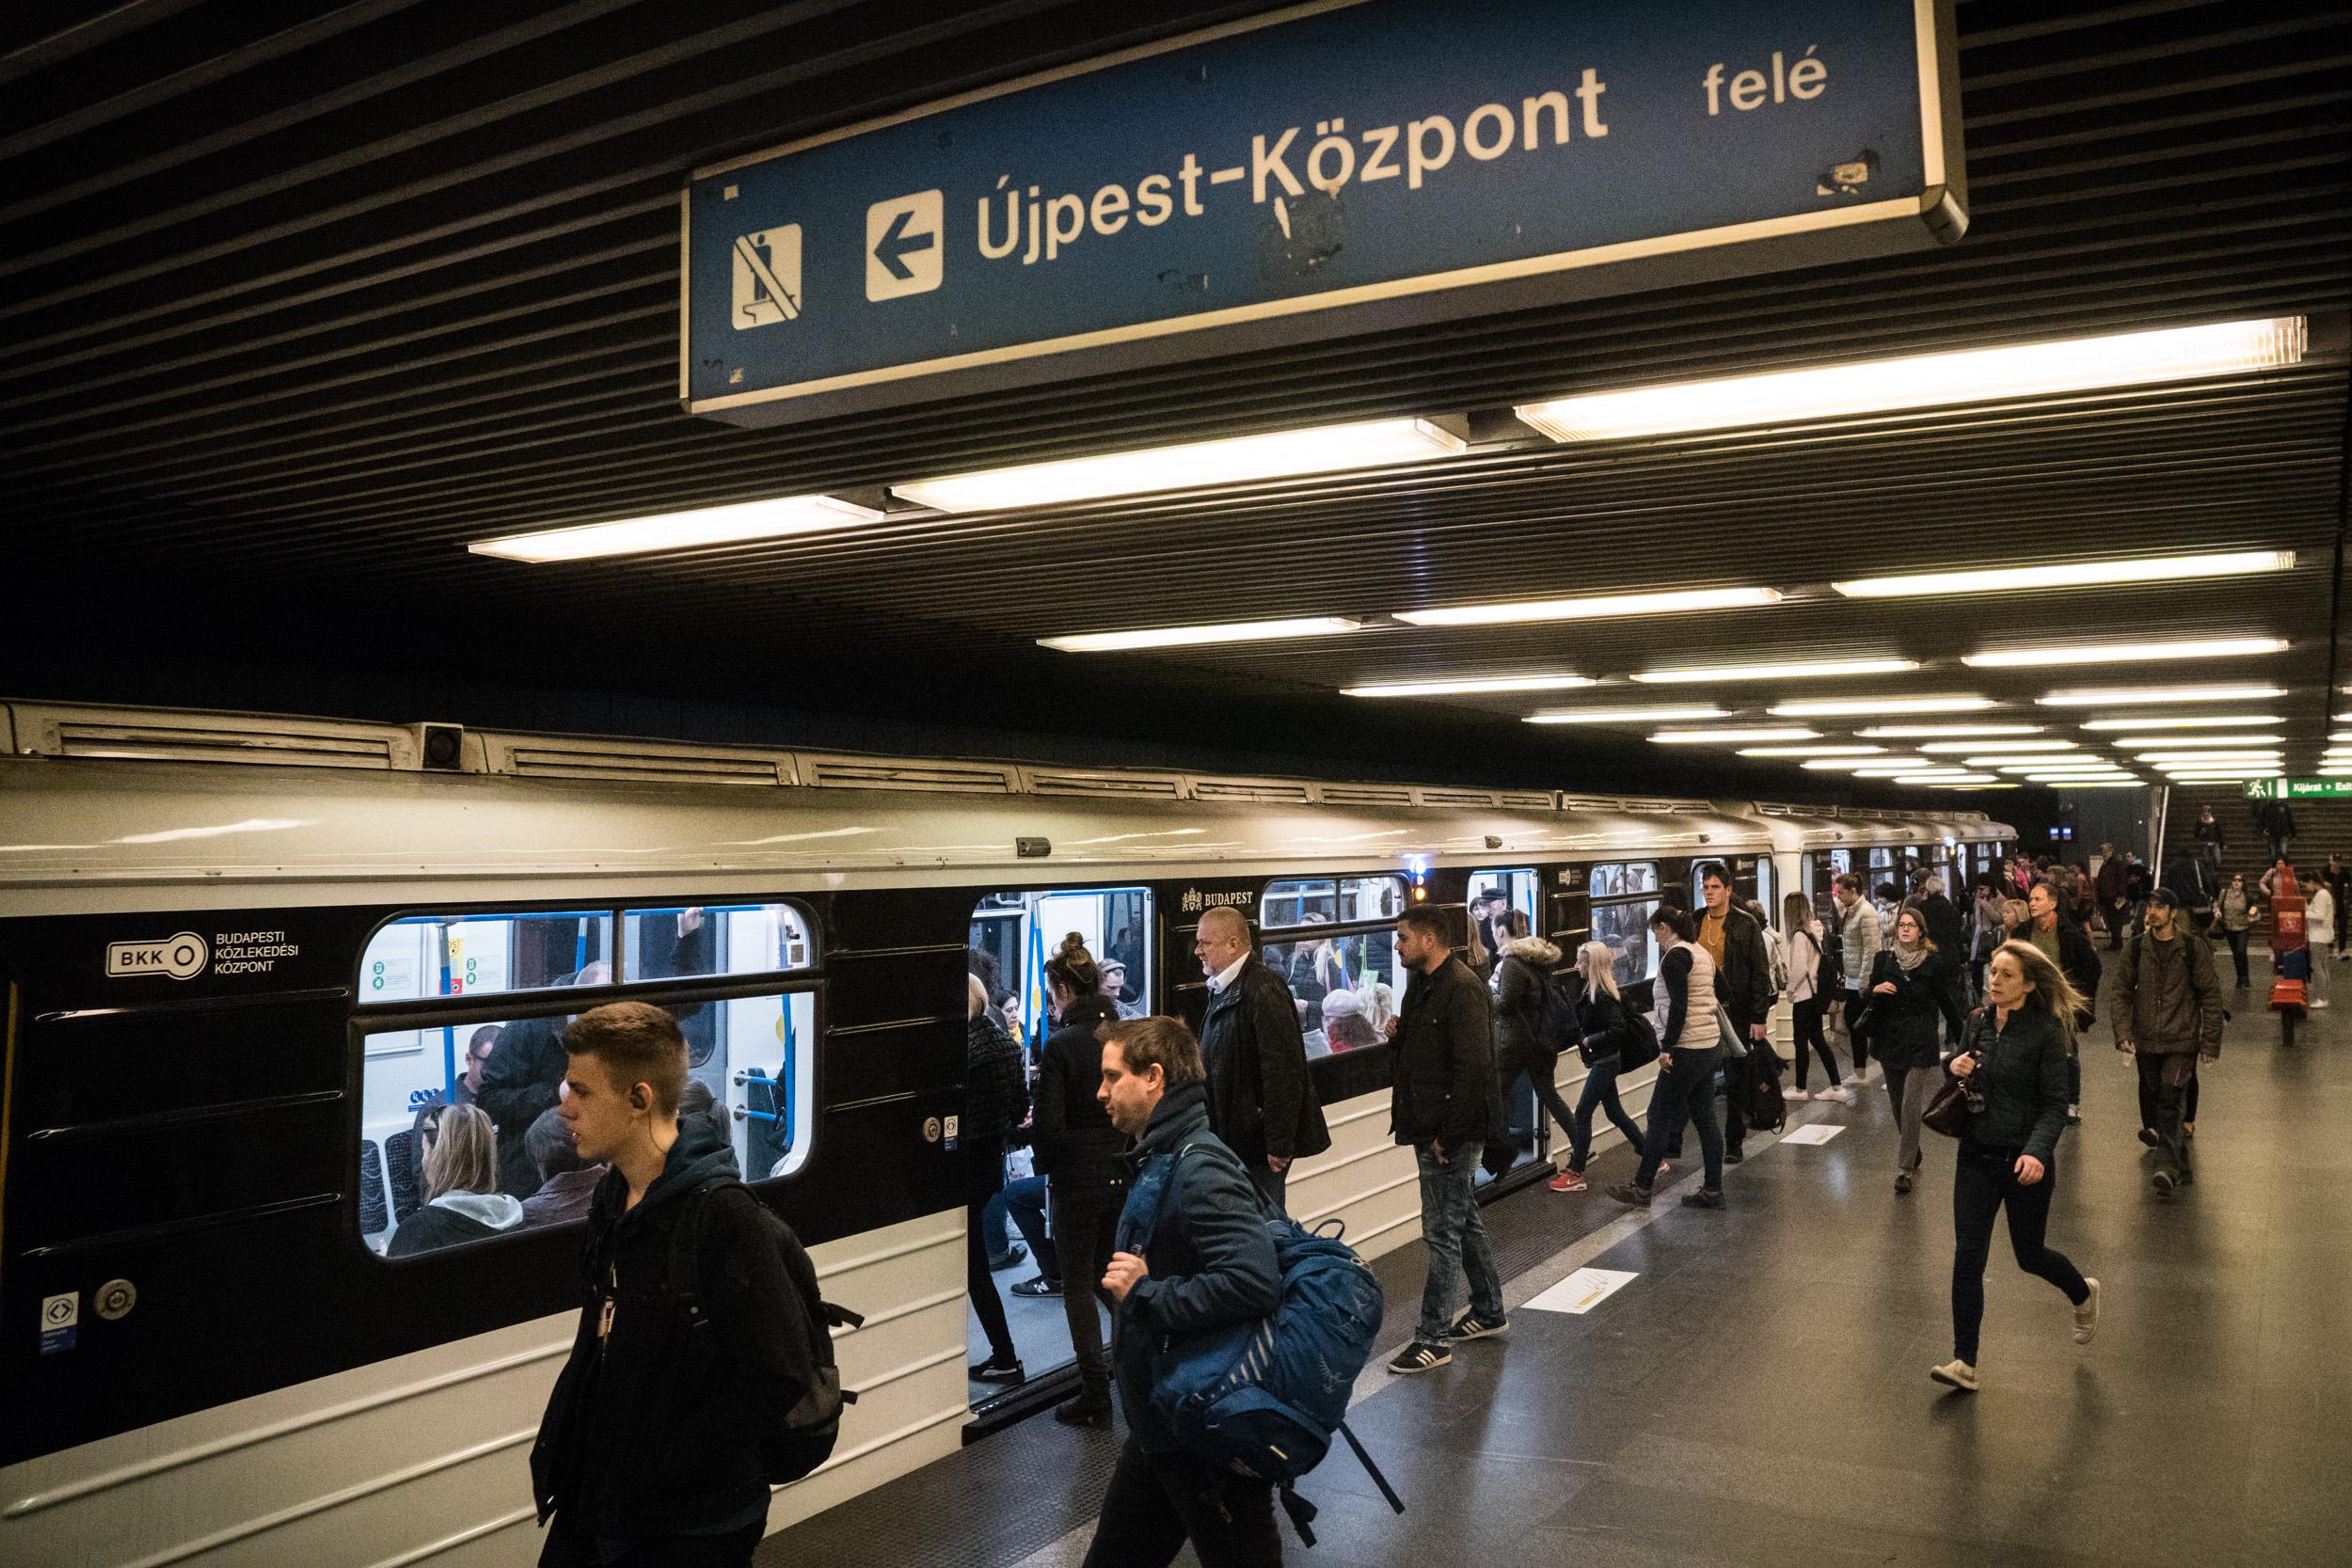 Senki ne feledje, szombaton indul a 3-as metró felújításának déli üteme!